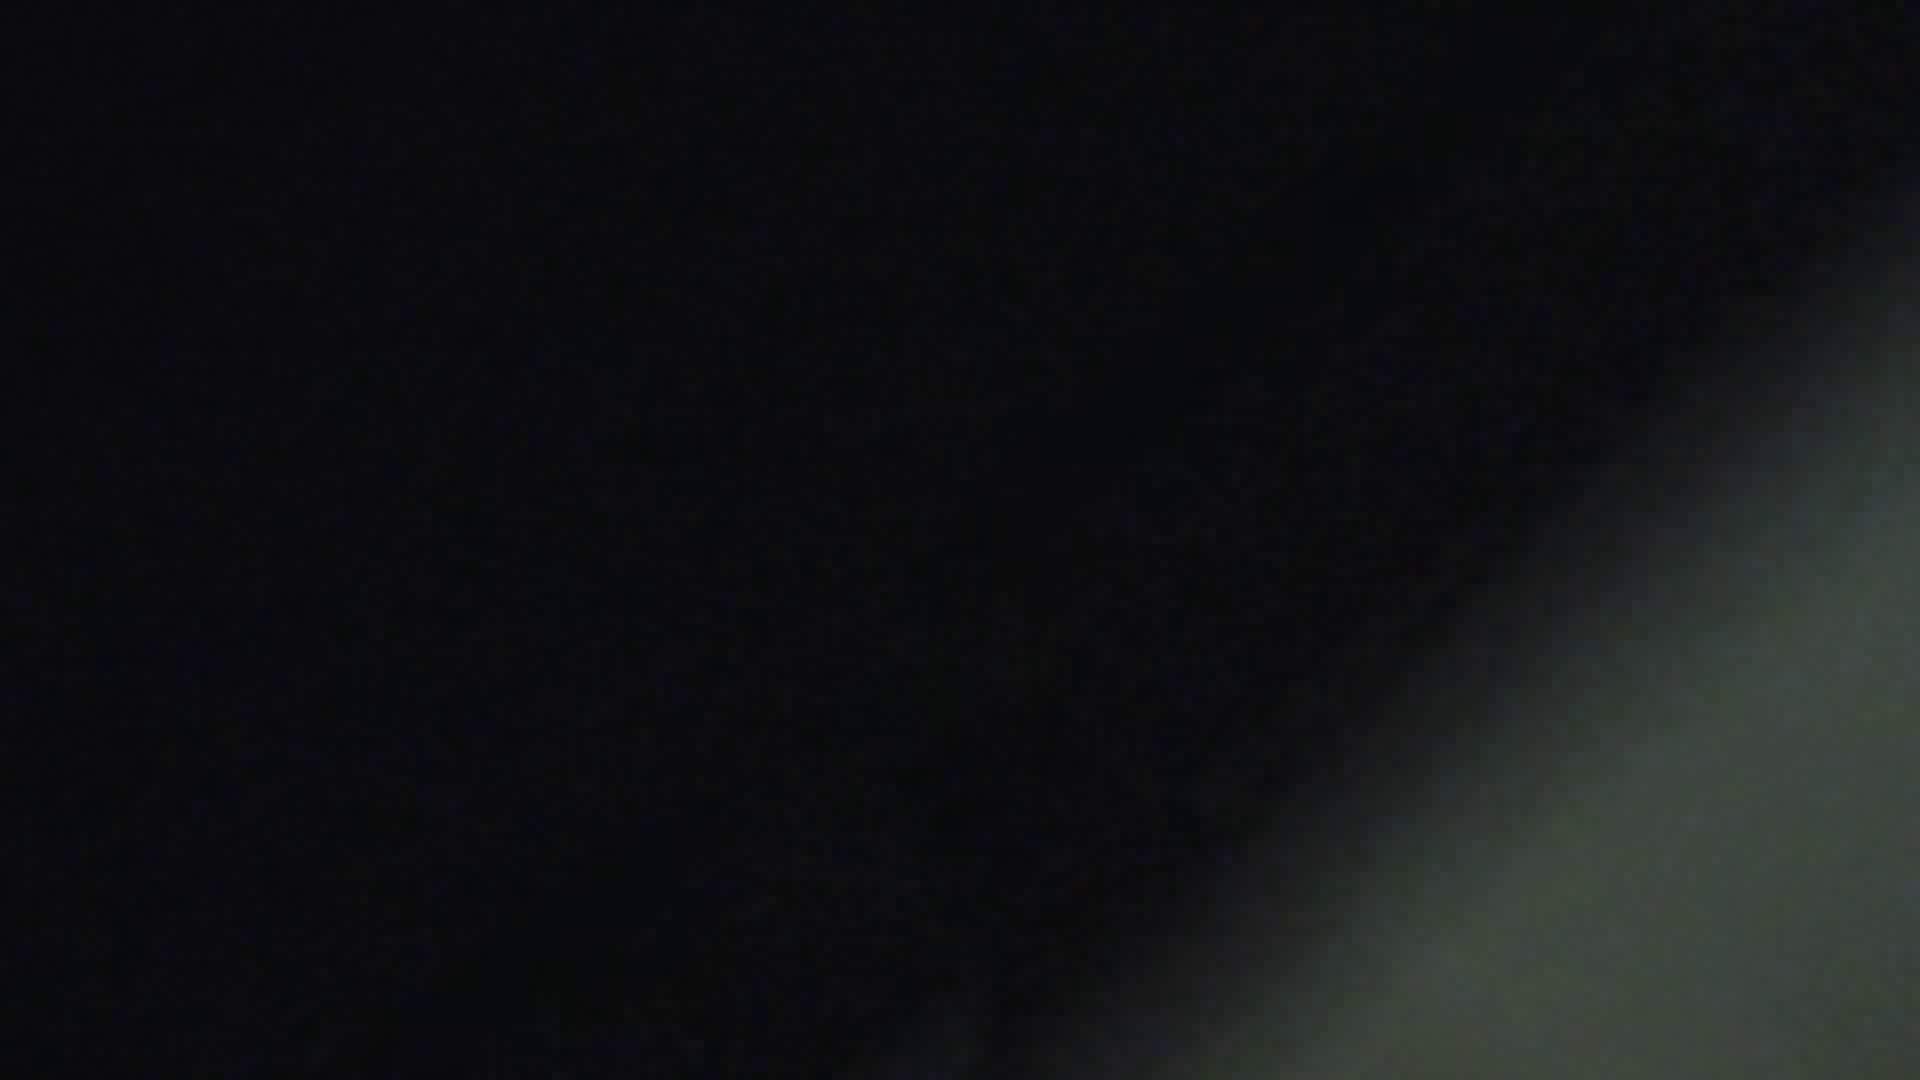 世界の射窓から vol.35 女厕偷拍, 美罗城 南宁国贸 ハプニング  78枚 15